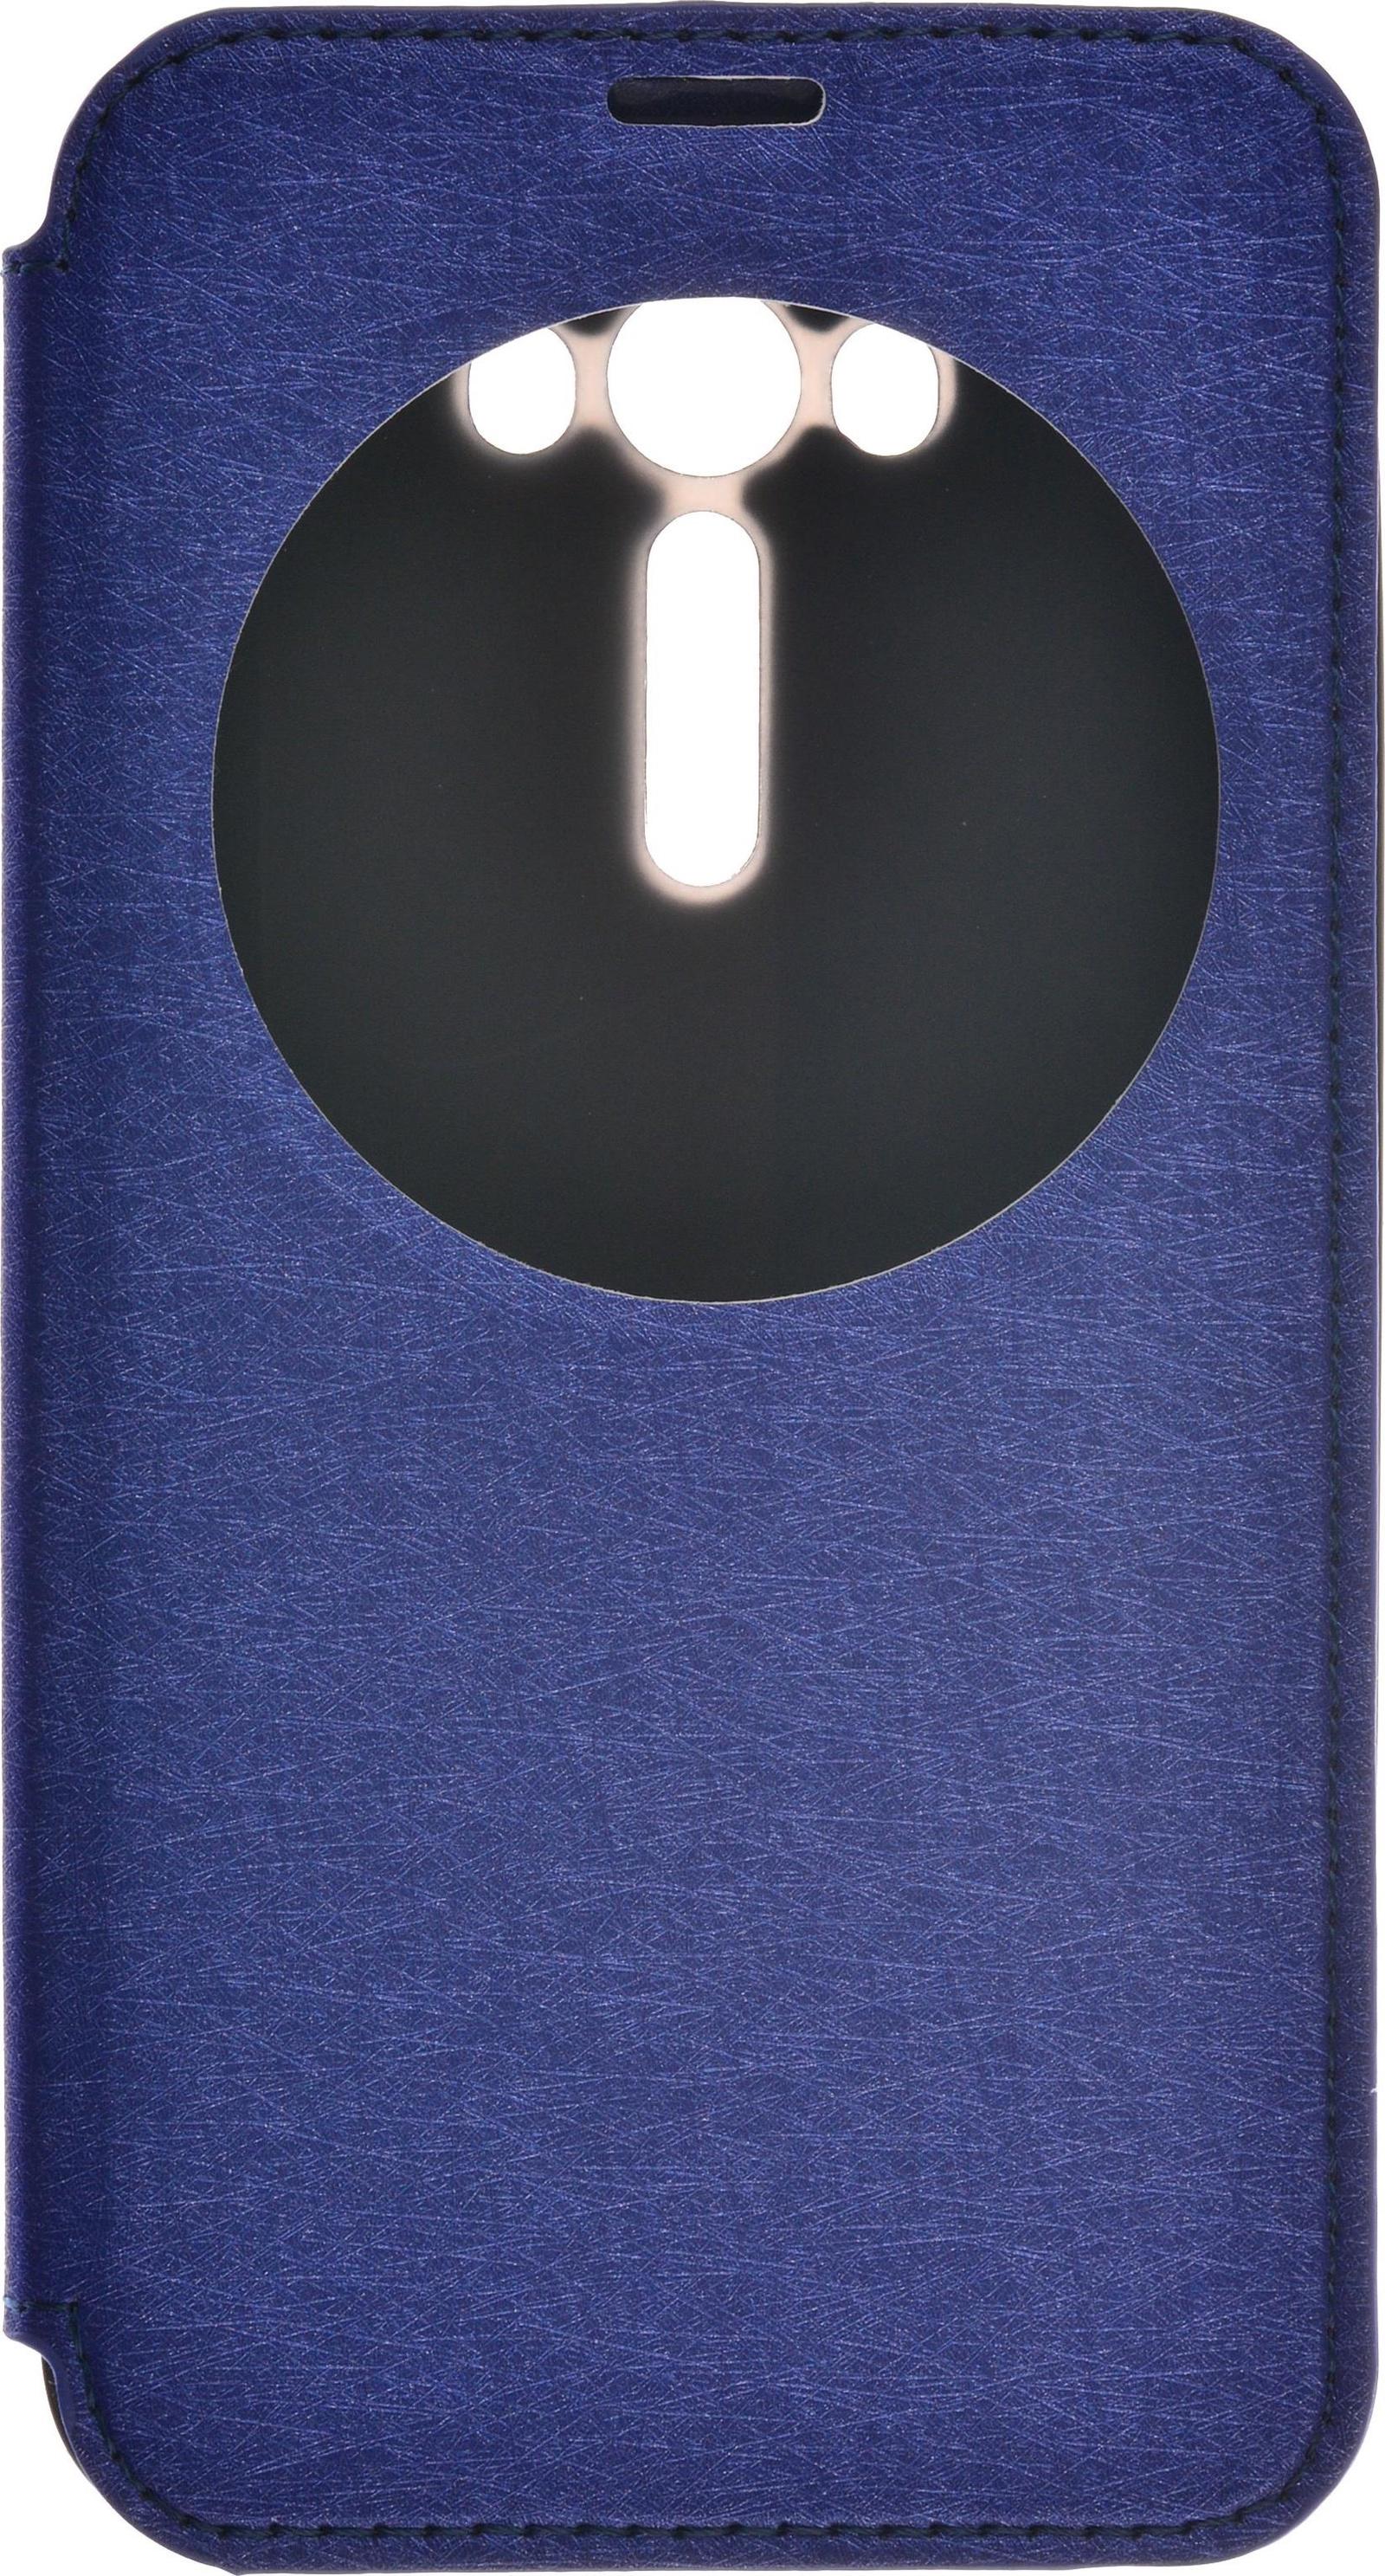 цена на Чехол для сотового телефона skinBOX MS, 4660041407273, синий